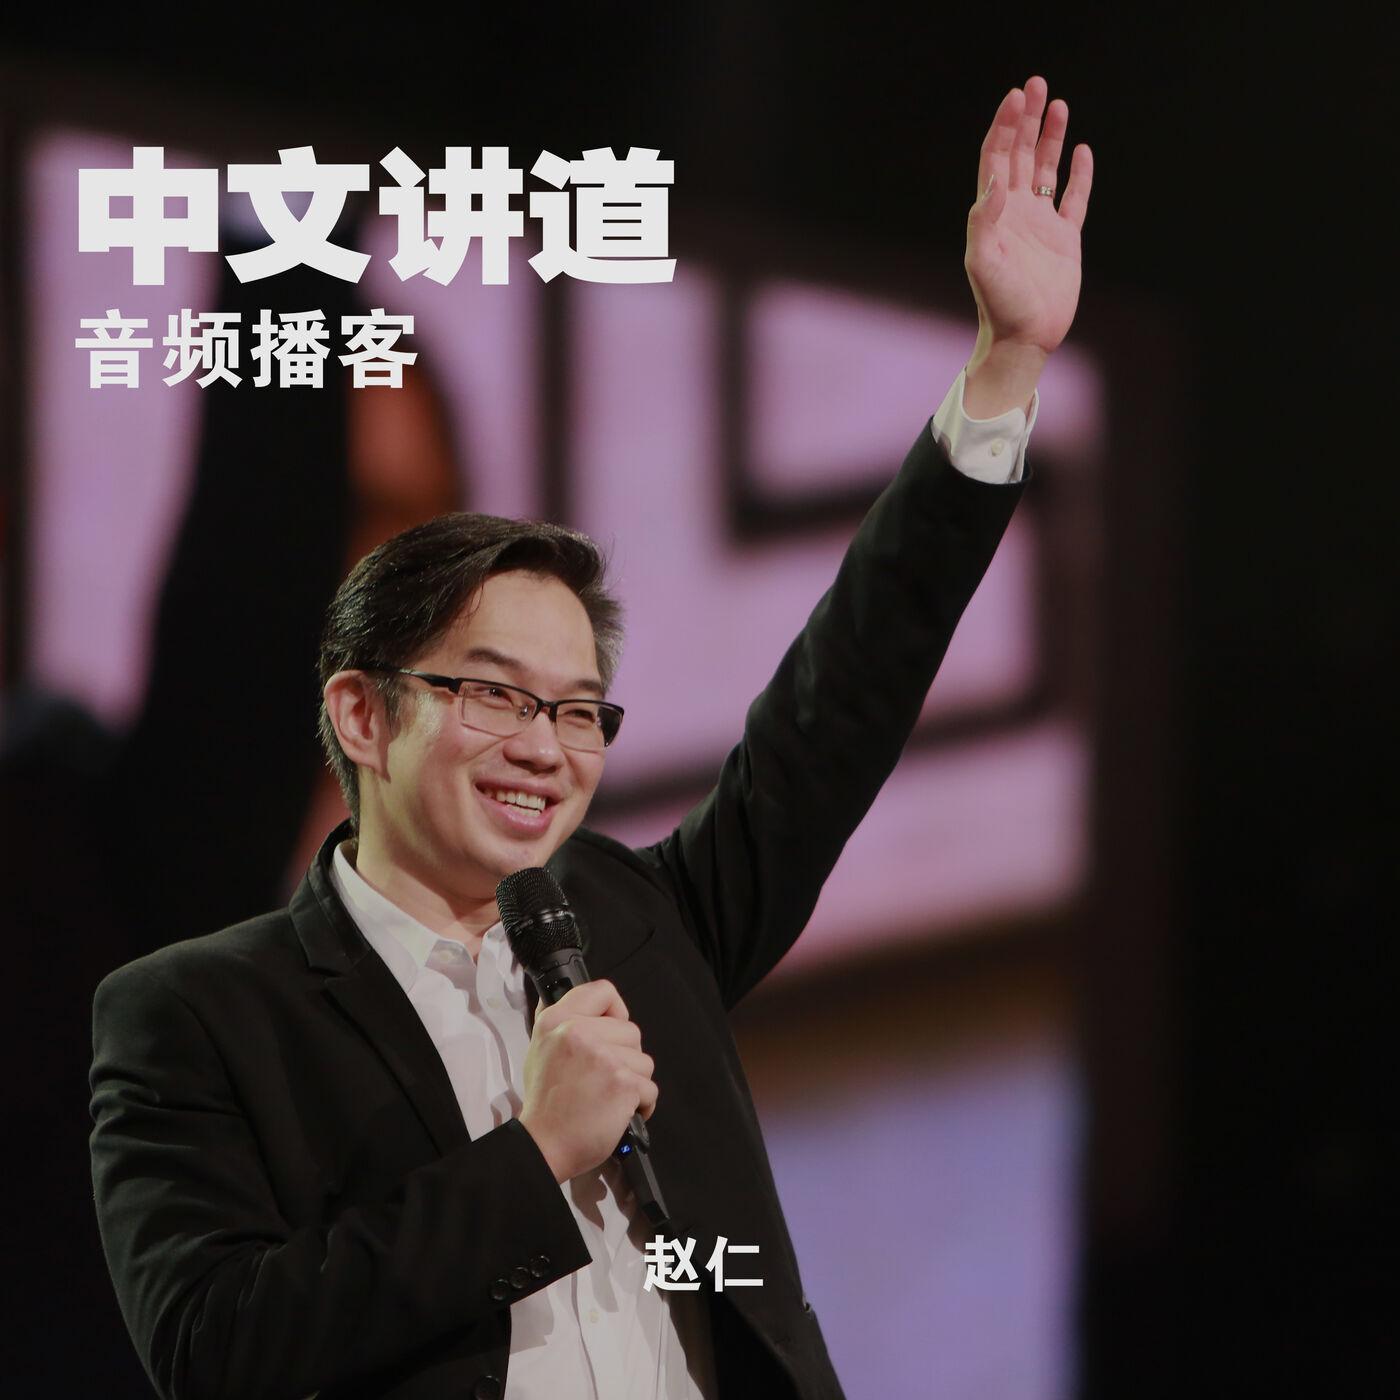 赵仁:圣灵里的生命